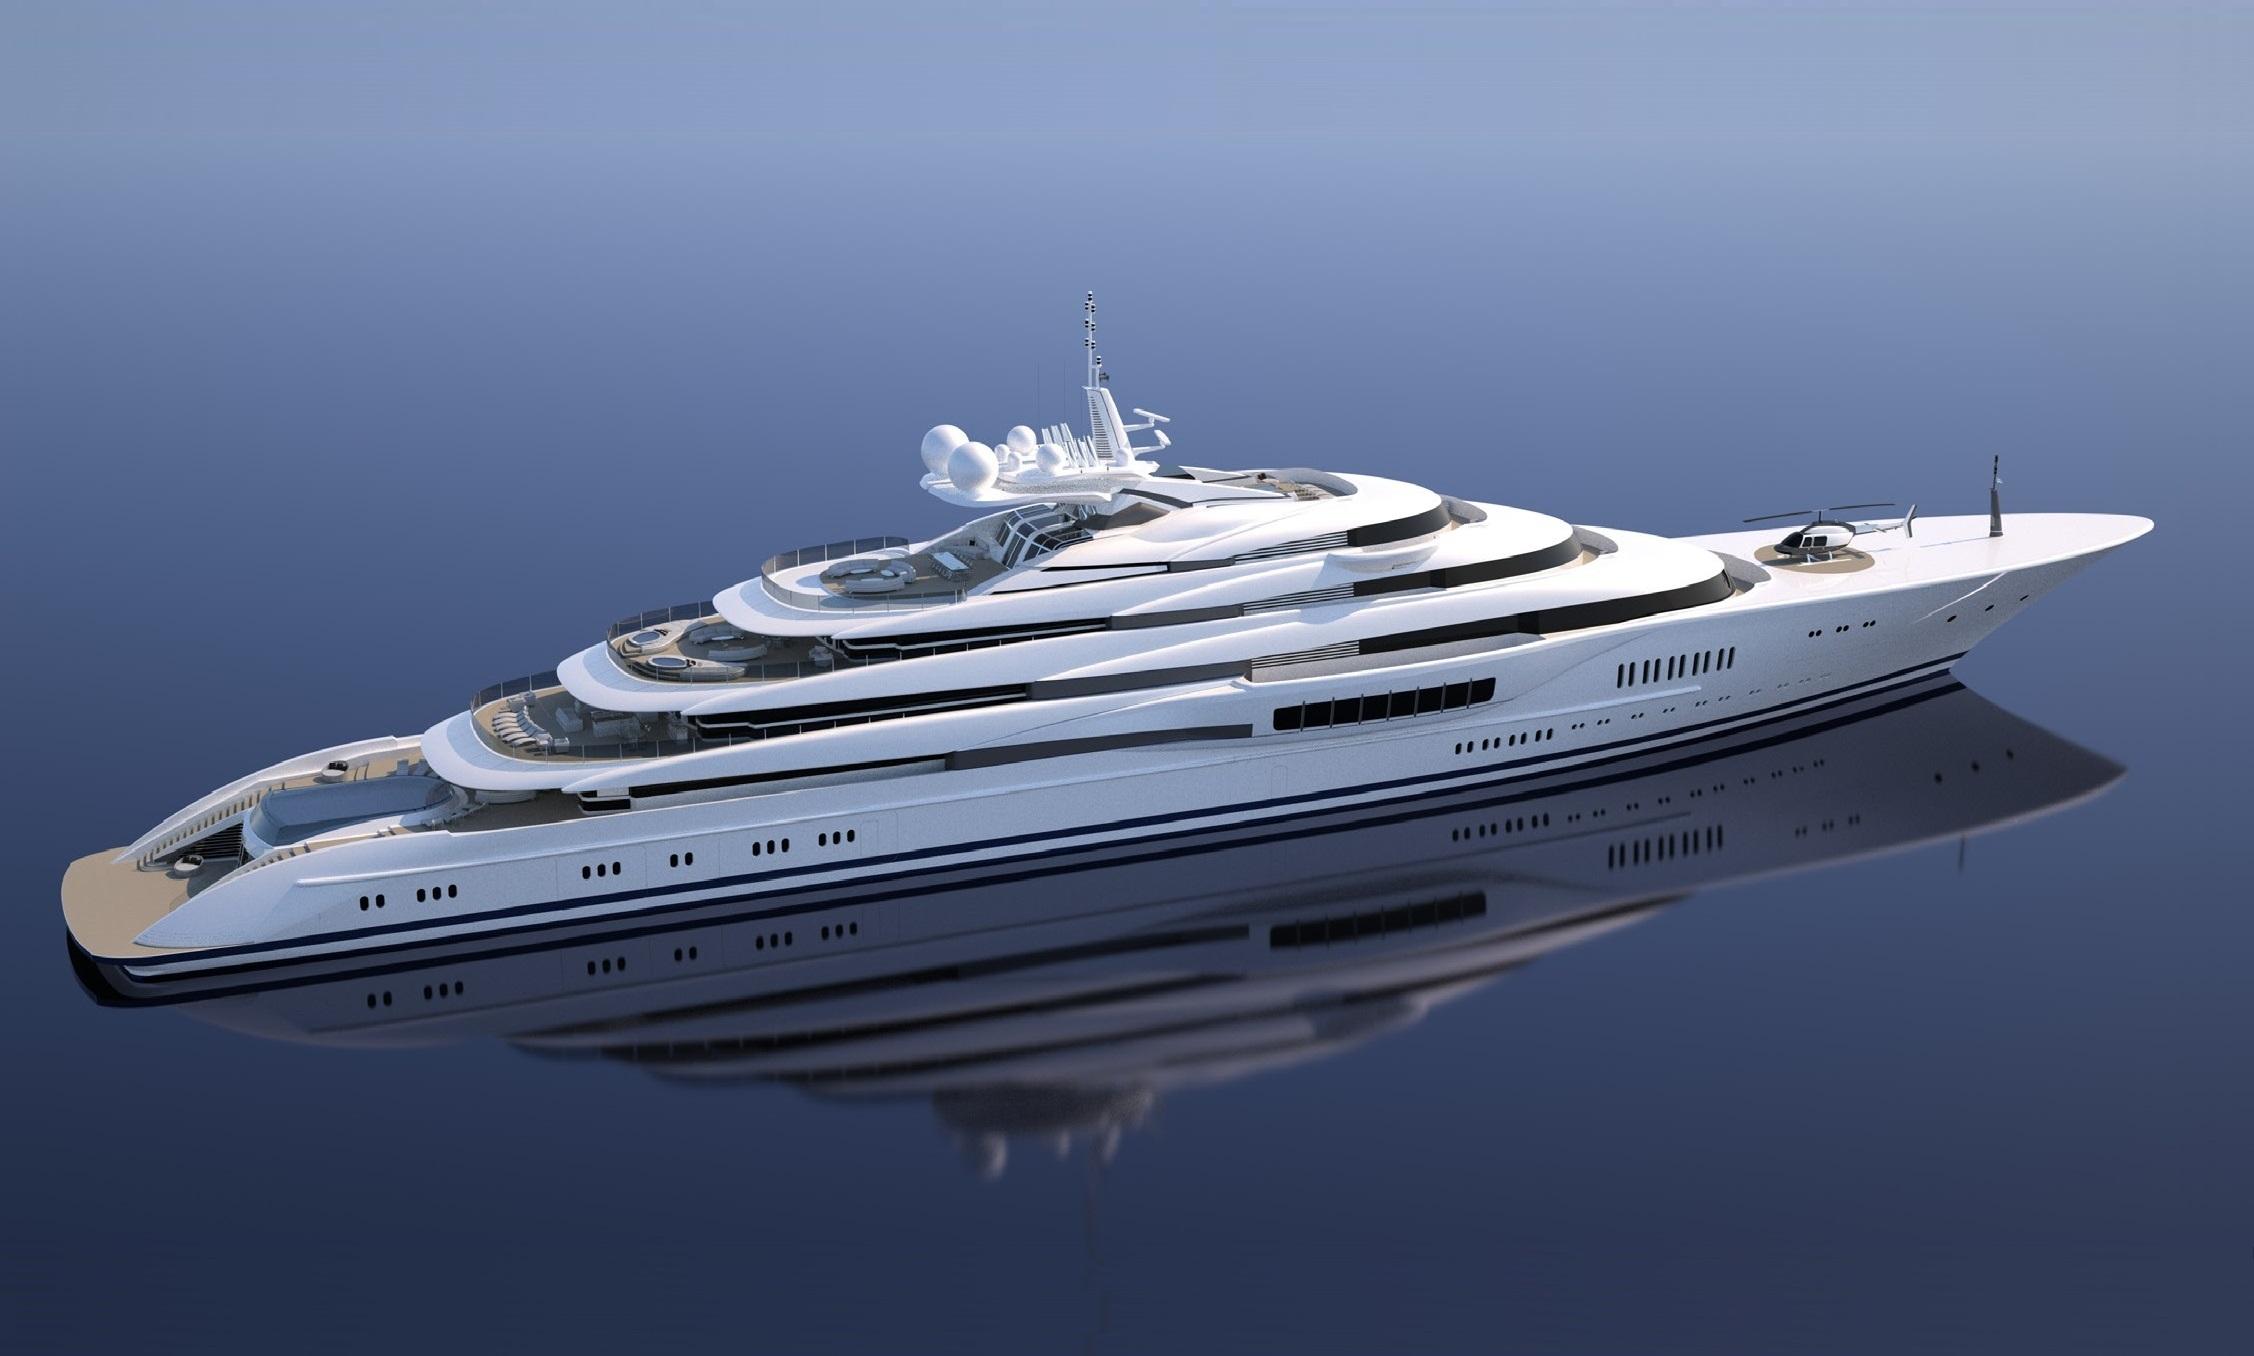 My Armonia Motor Yacht